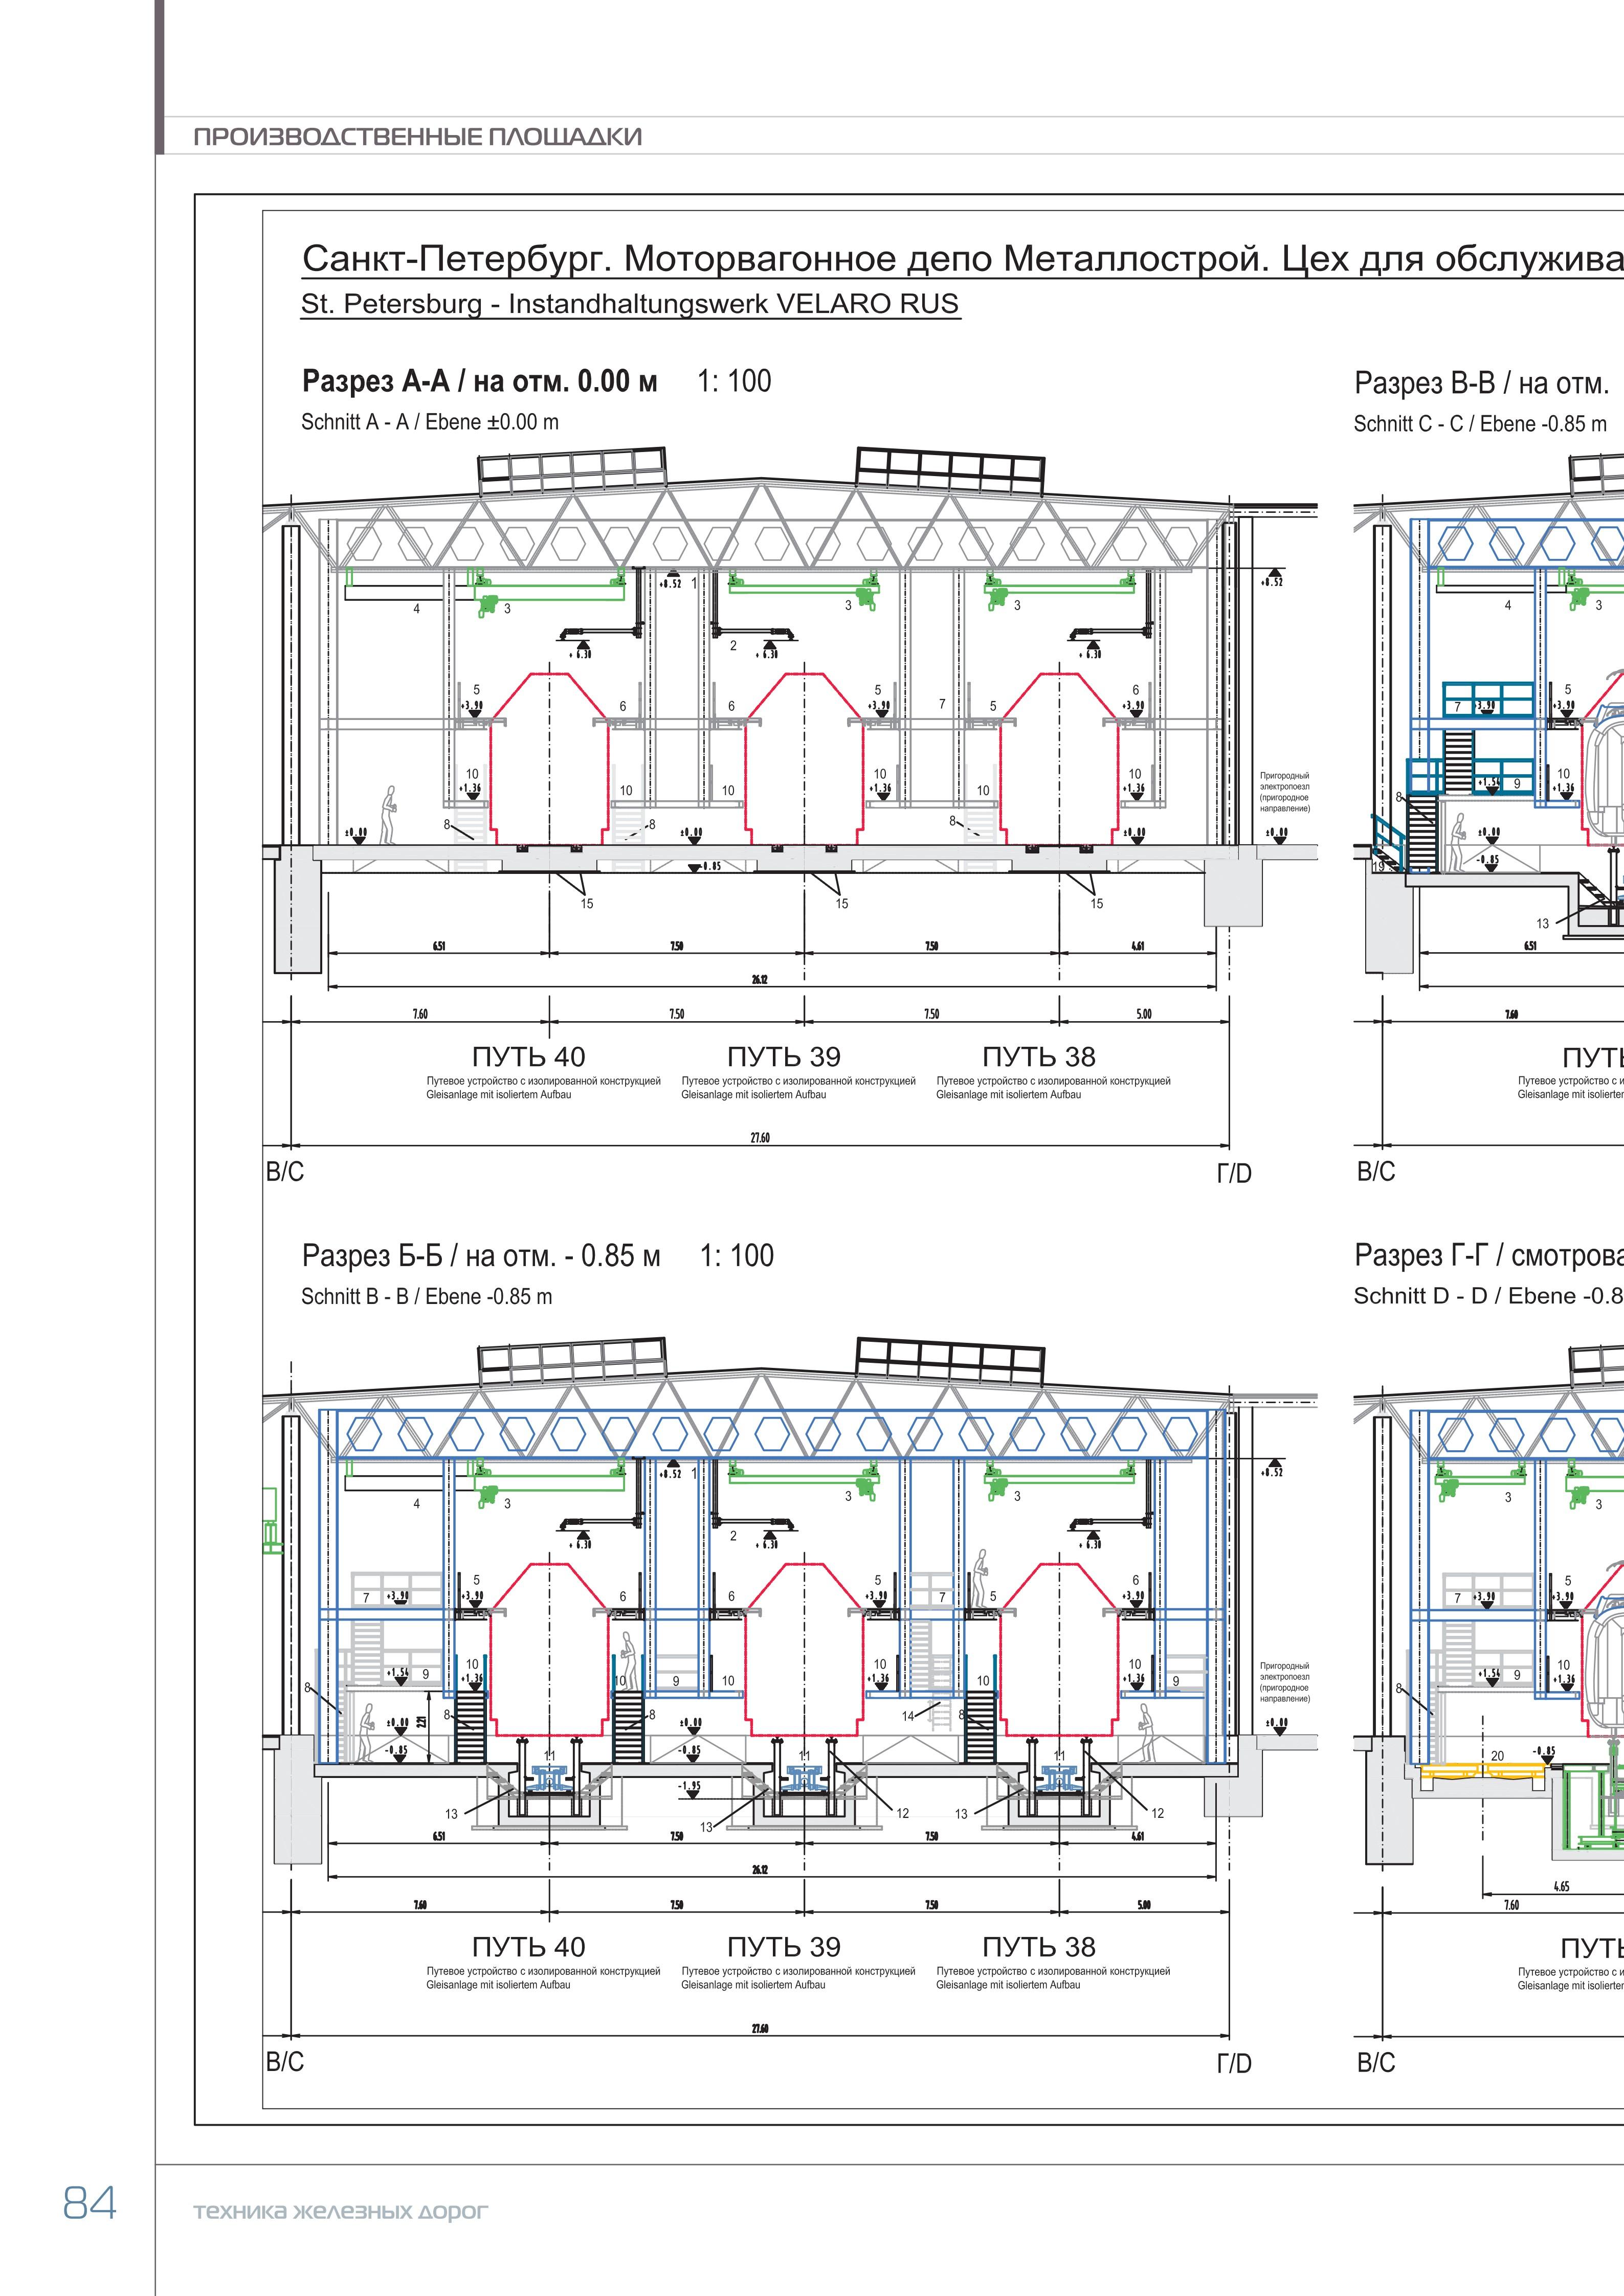 Схема депо локомотивное депо